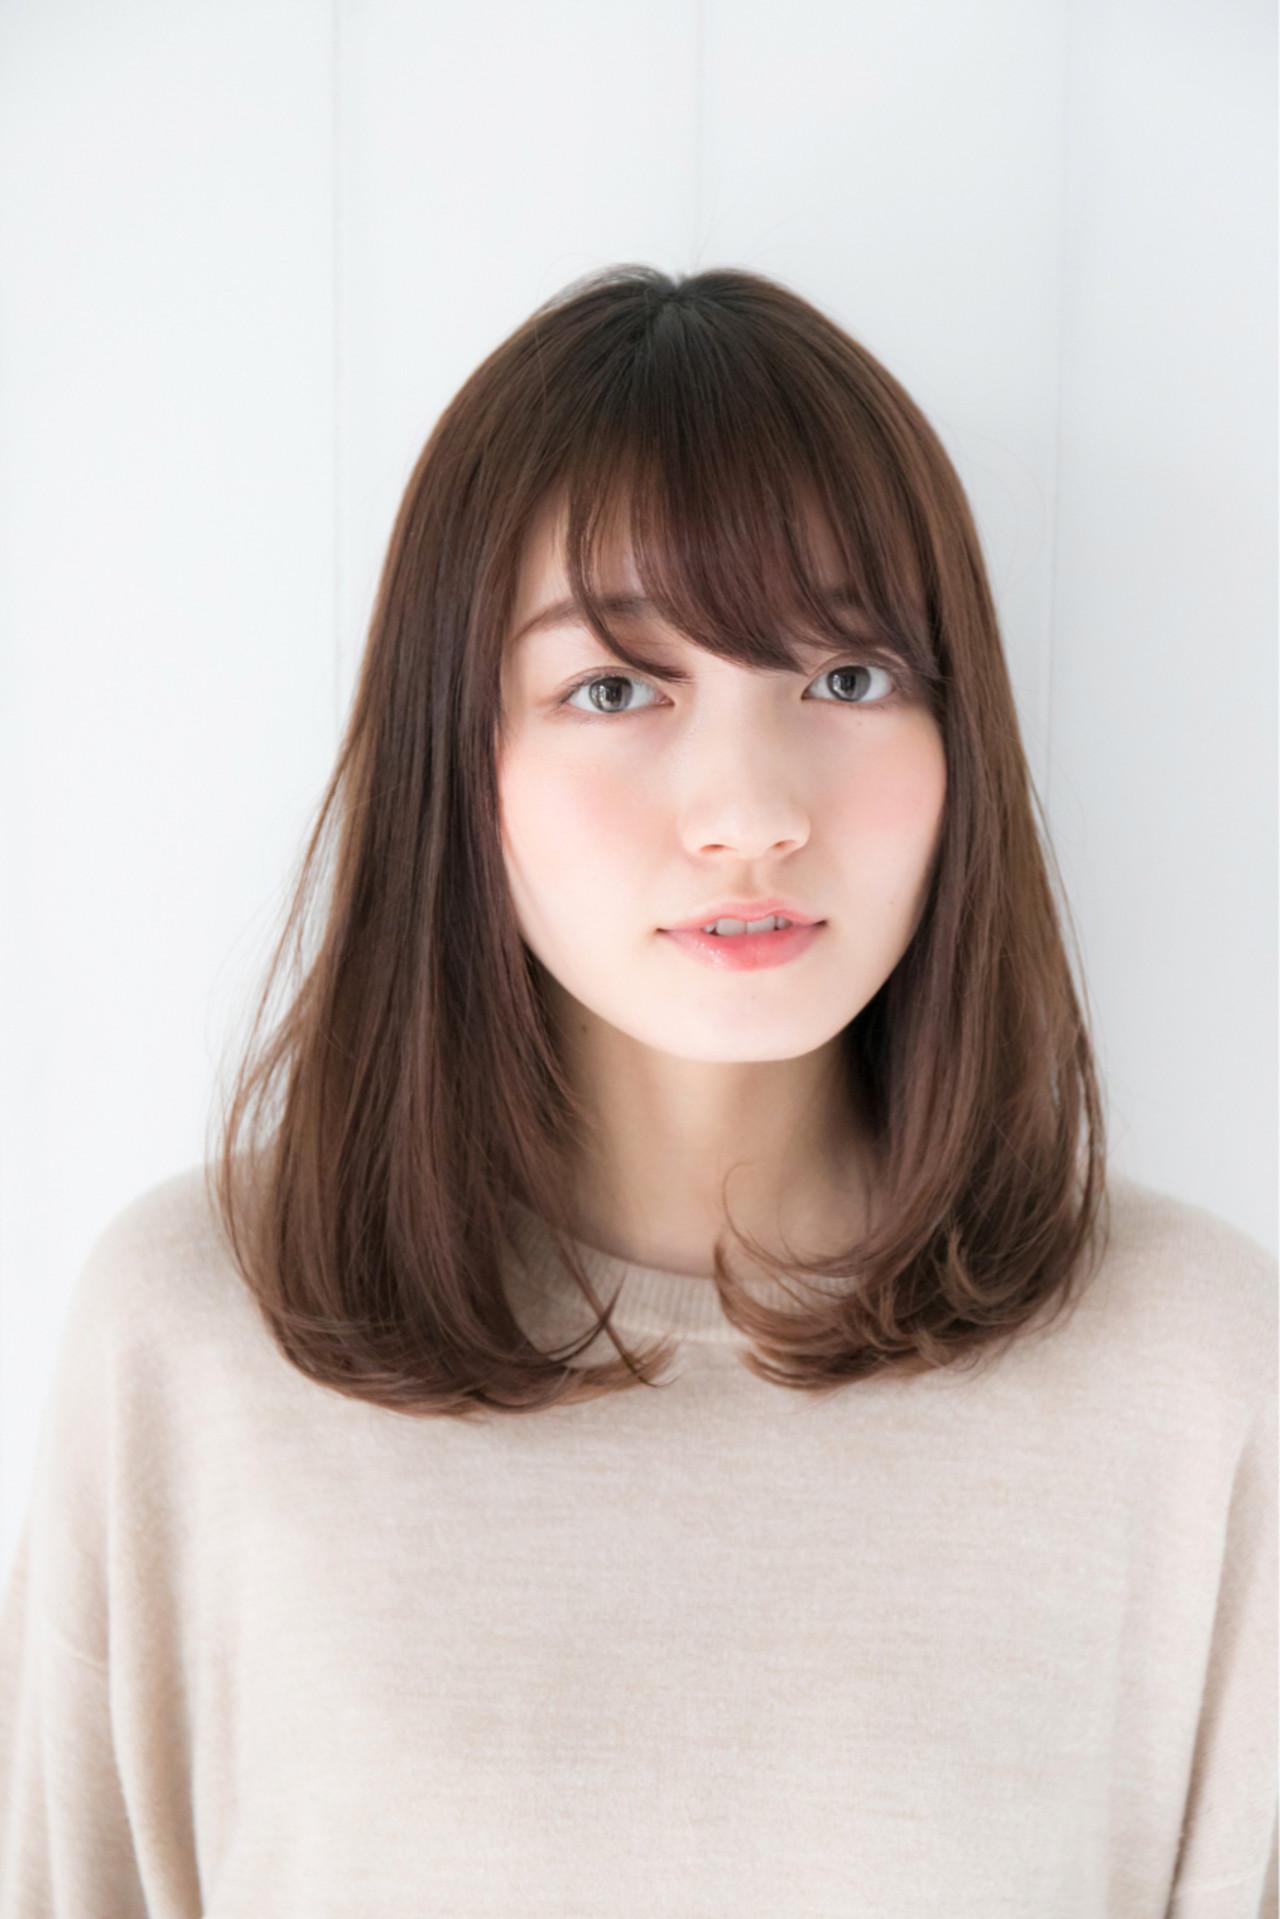 スポーツ オフィス ナチュラル アウトドア ヘアスタイルや髪型の写真・画像 | 松下哲史 / Ramie omotesando